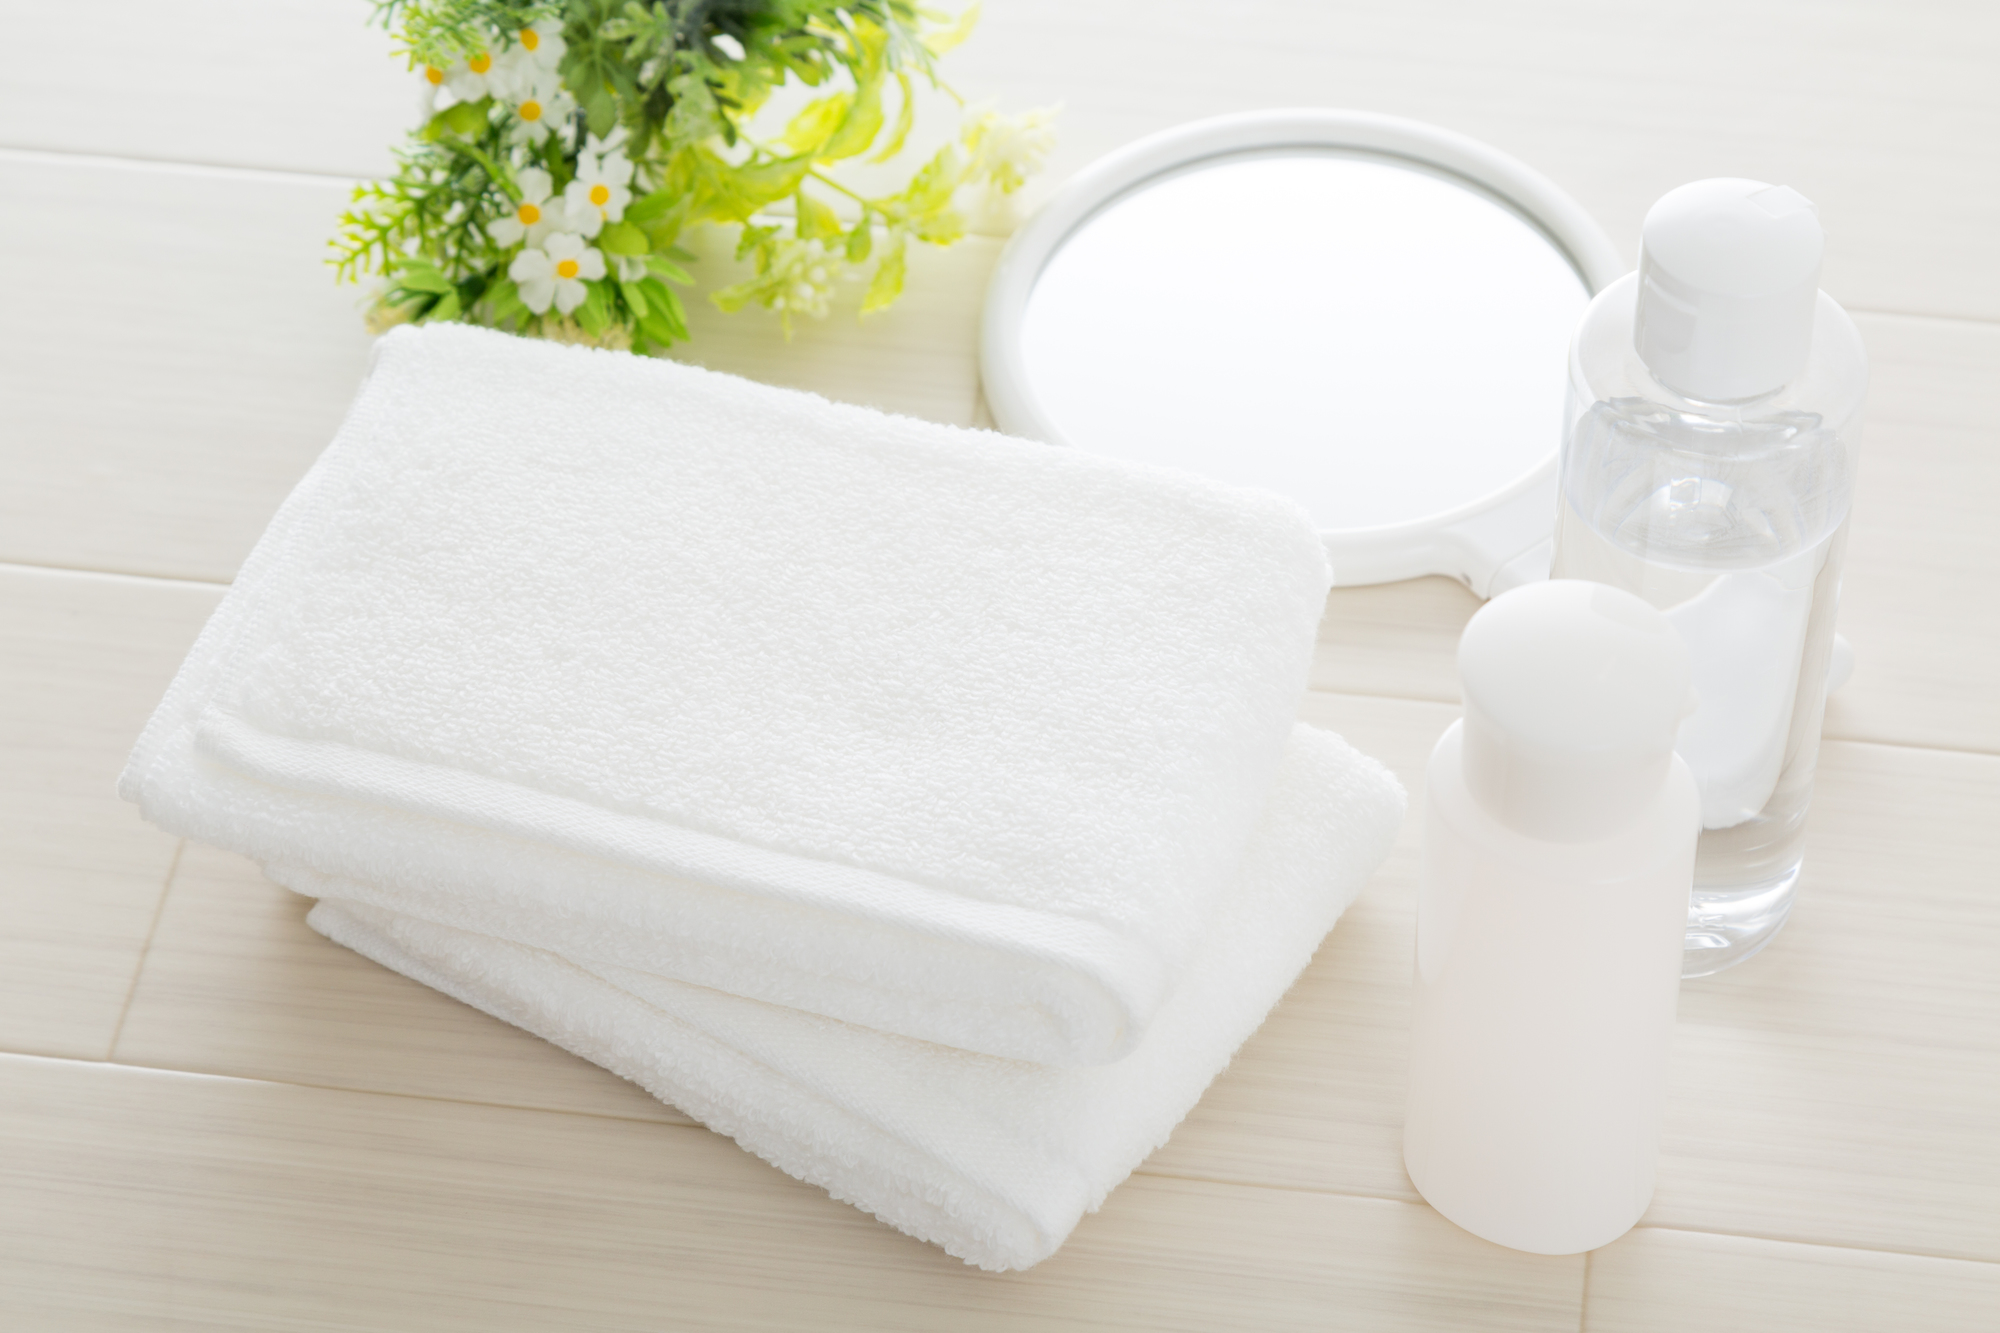 ニキビ 洗顔 料 ランキング